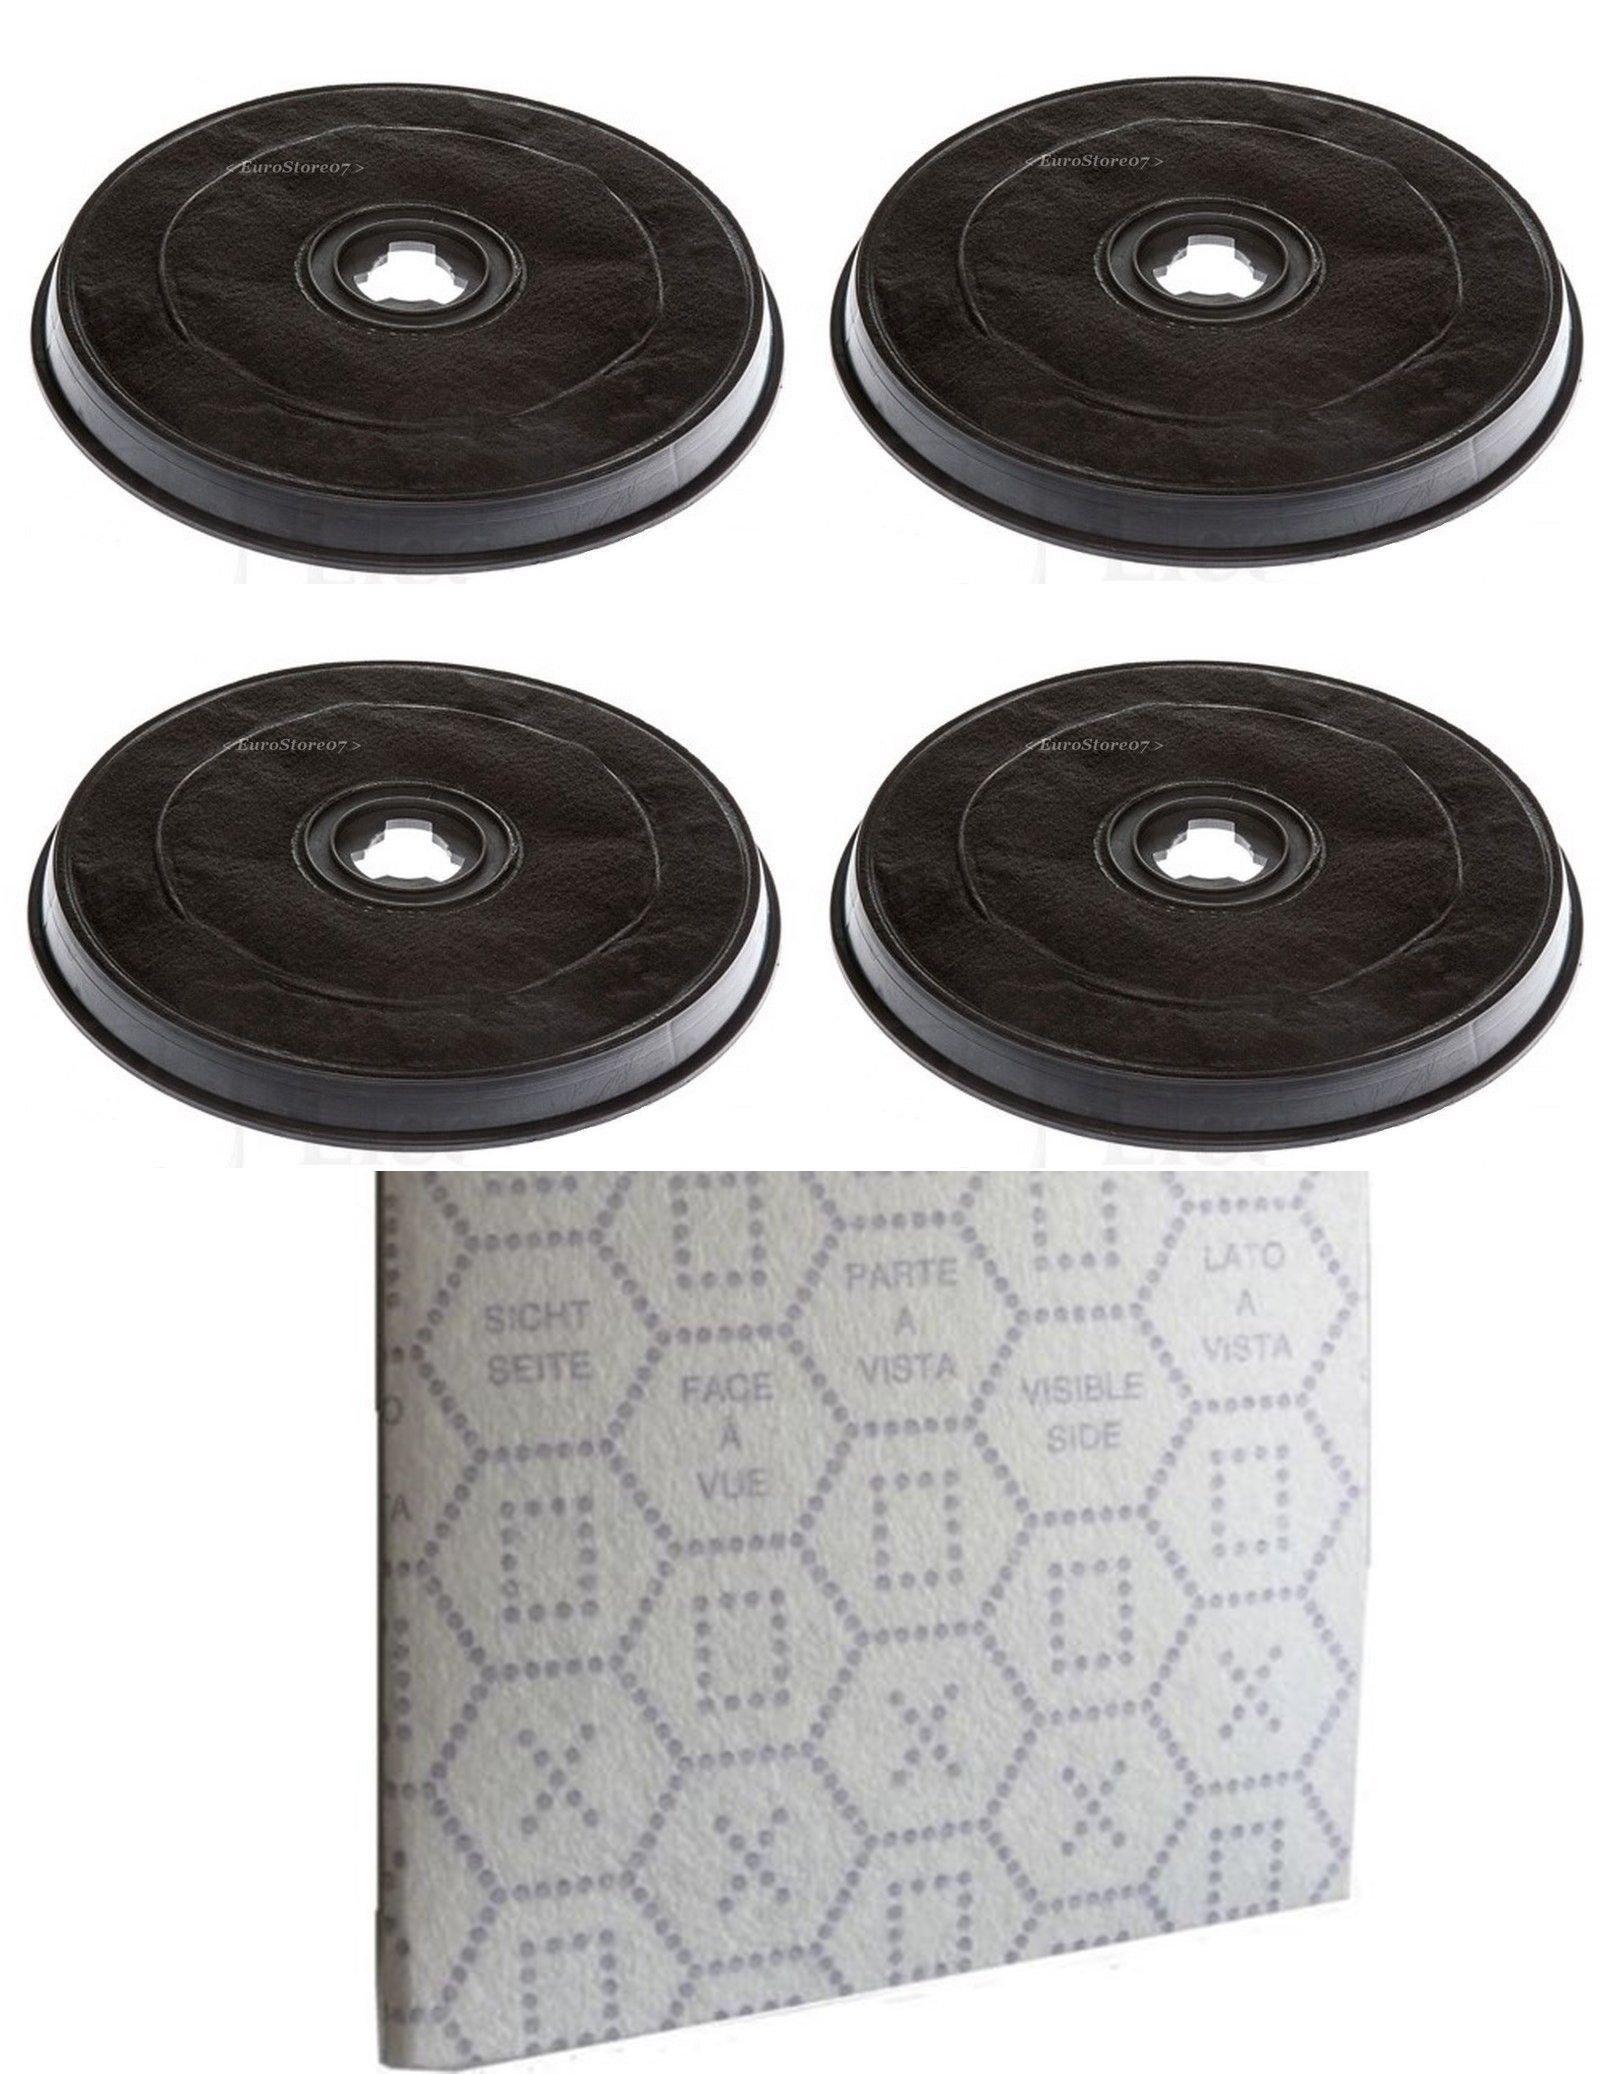 Faber 4 filtros Campana extractora Carbón Activo con mariposa + 1 gamuza H 2.6 cm Diámetro 23.2 F 38: Amazon.es: Hogar